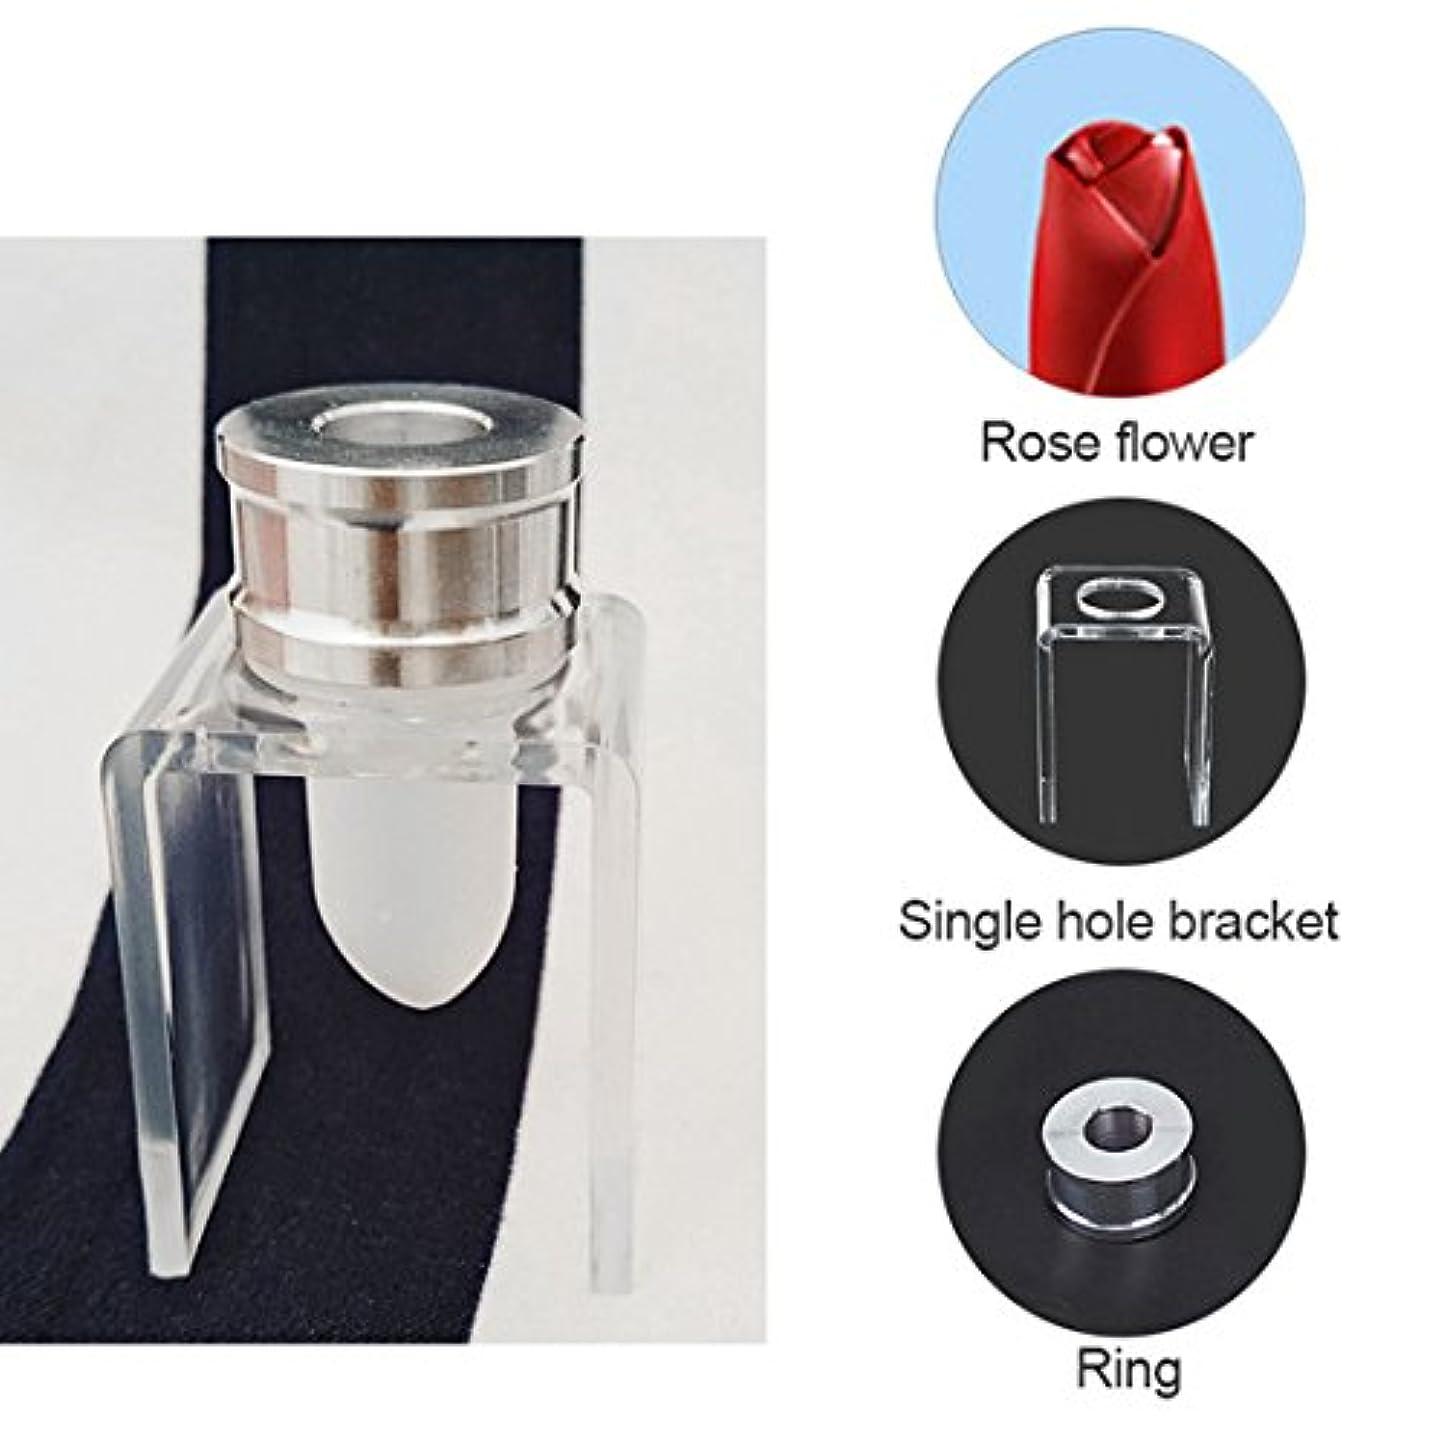 ロープ矛盾明らかにするSODIAL 3セット DIY 12.1mm シンプルな口紅の充填チューブ シリコーン金型 アルミリング シングルホールブラケット 手作りの口紅ツール シンプルなセット バラ